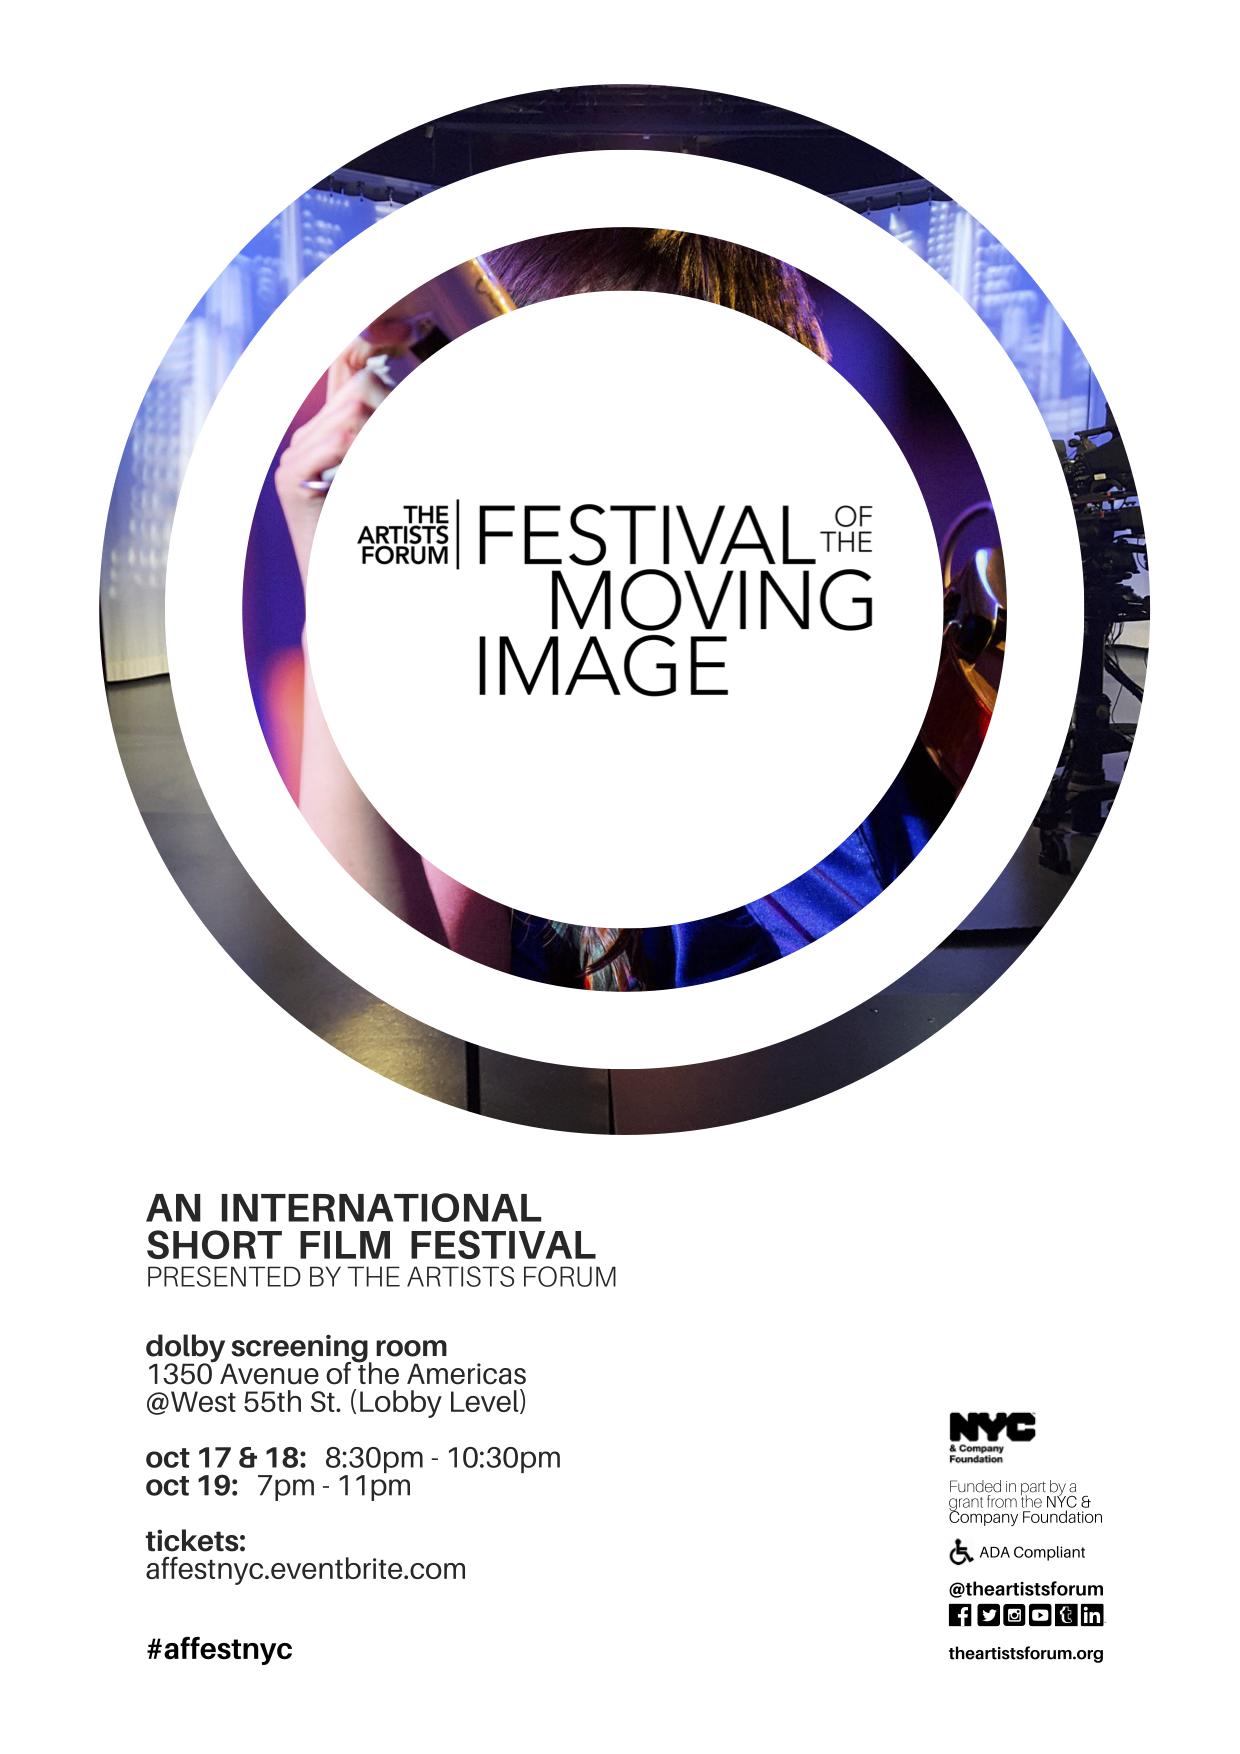 2019 #AFFESTNYC Flyer Image